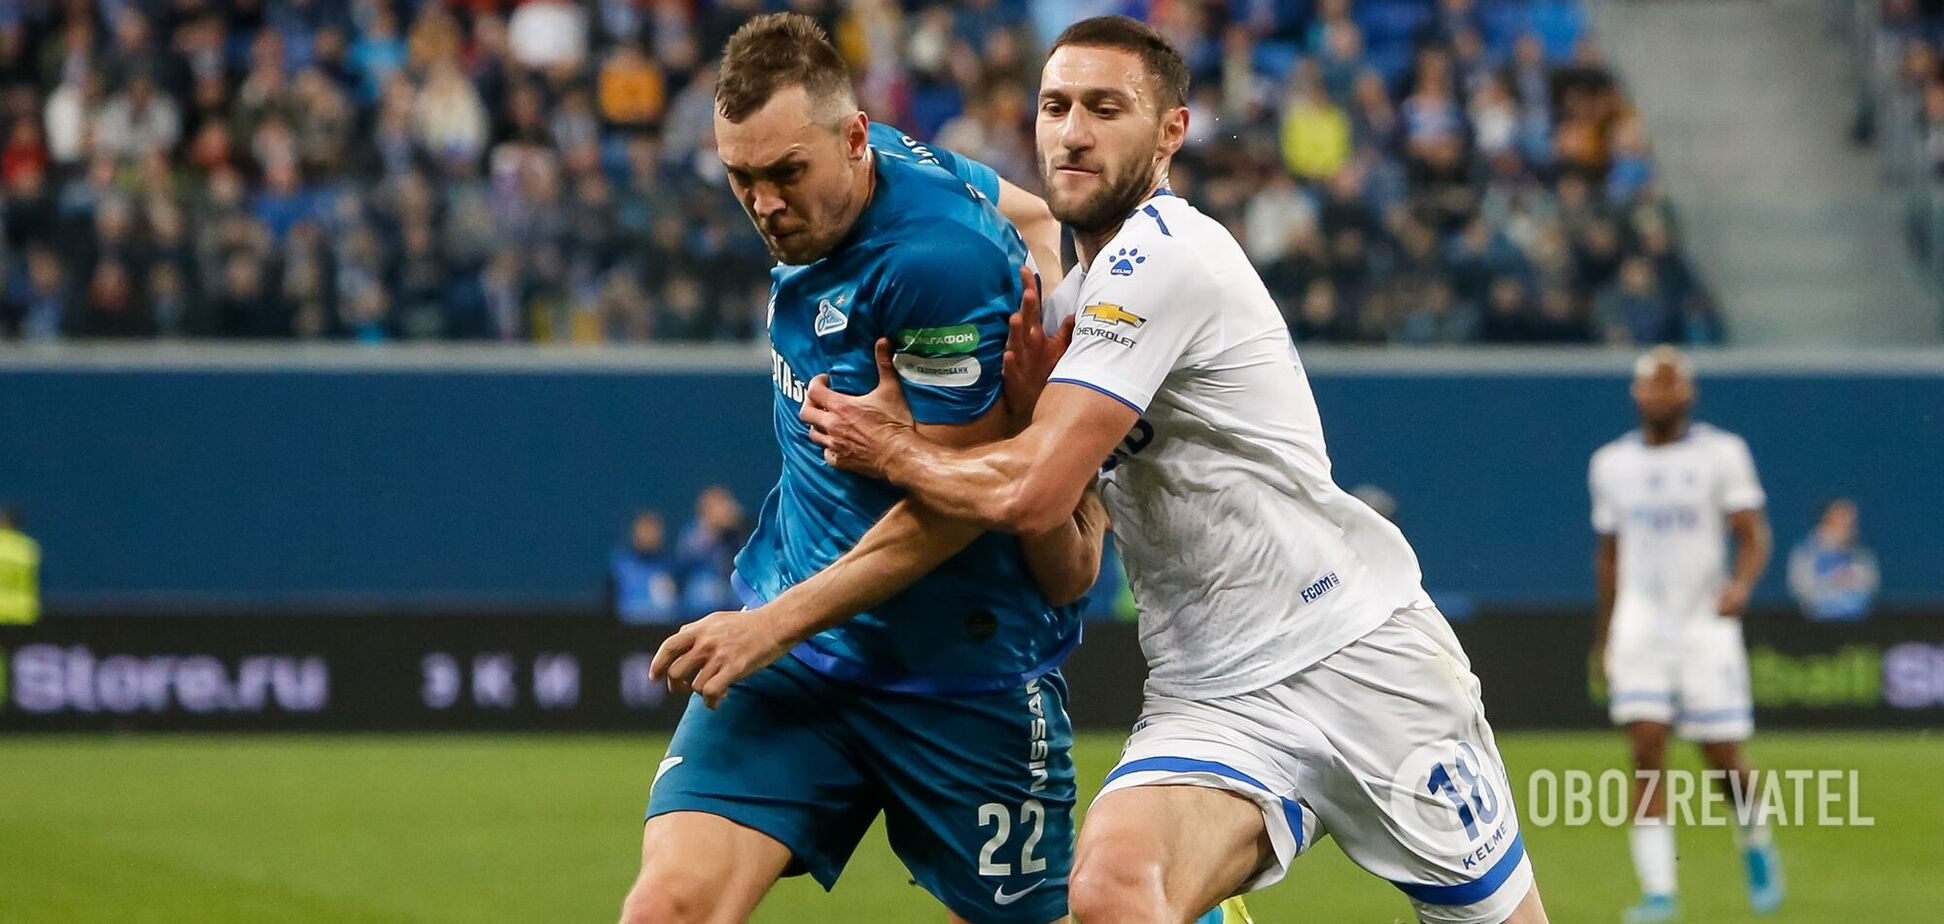 Колишній футболіст збірної України подякував москвичам за підтримку